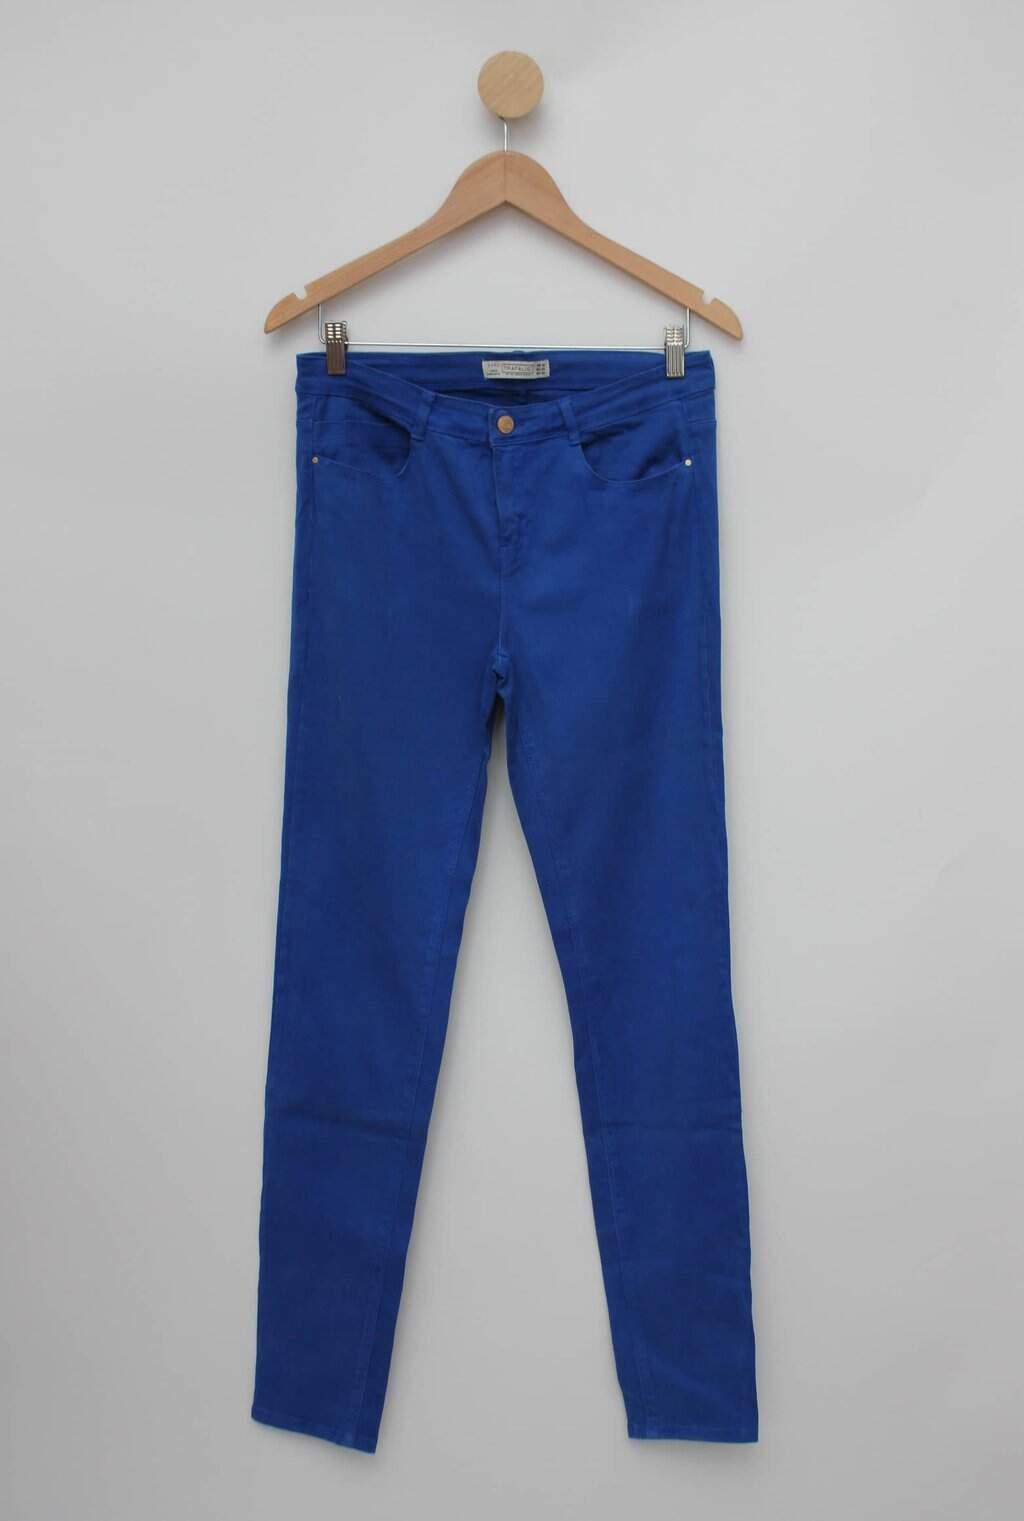 Calca de sarja azul zara